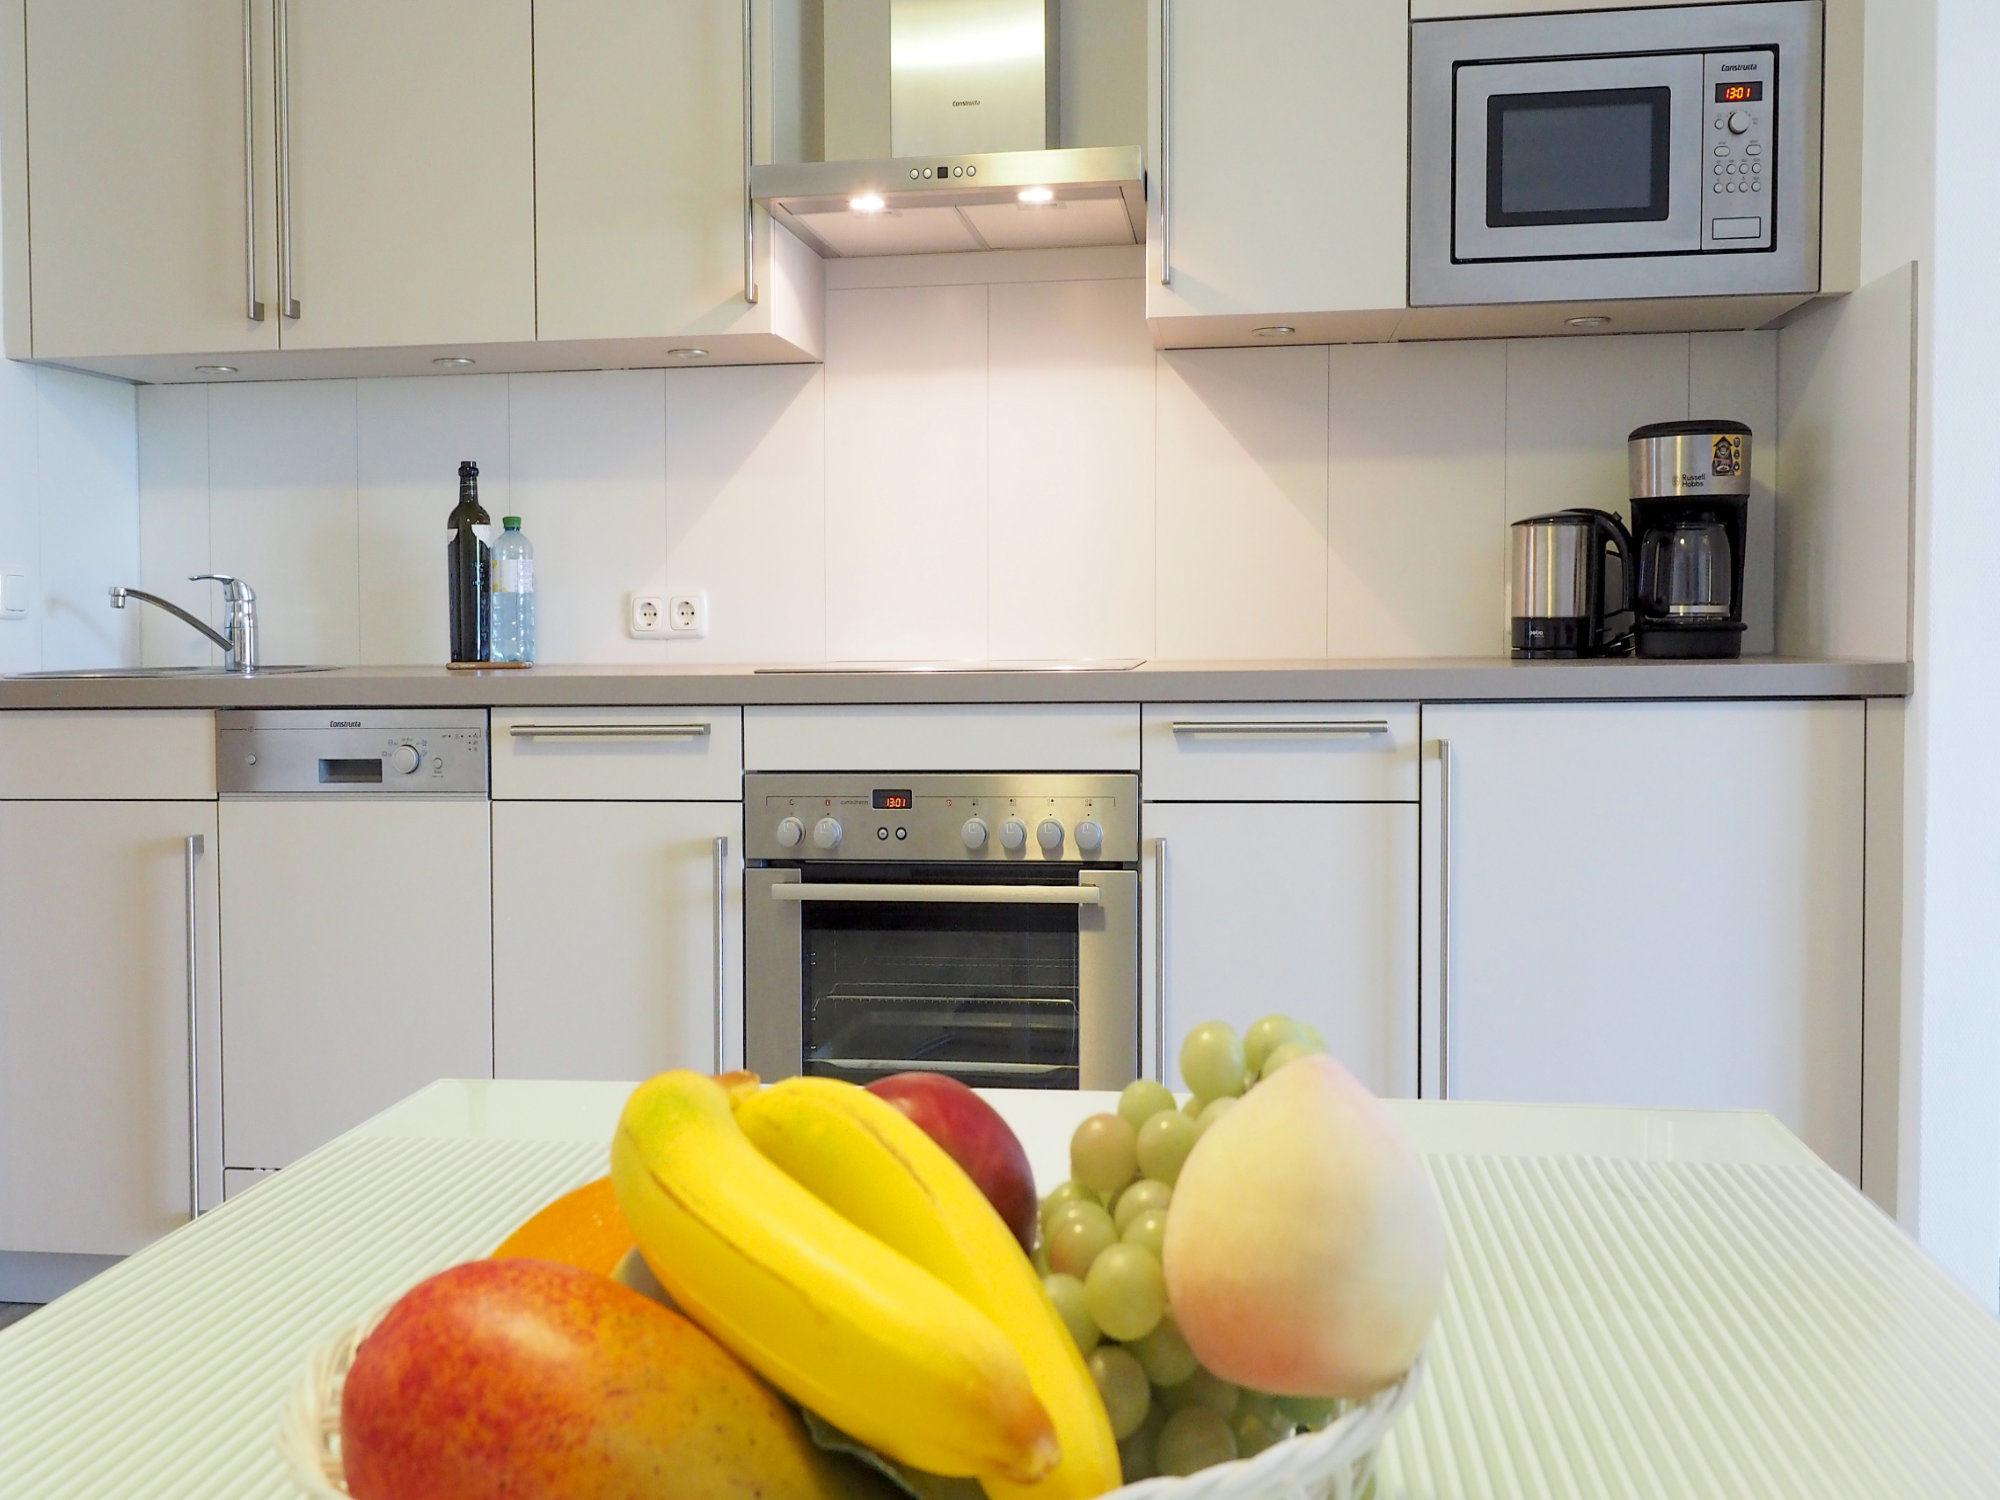 Esstisch mit Obstkorb und moderner Küchenzeile im Hintergrund